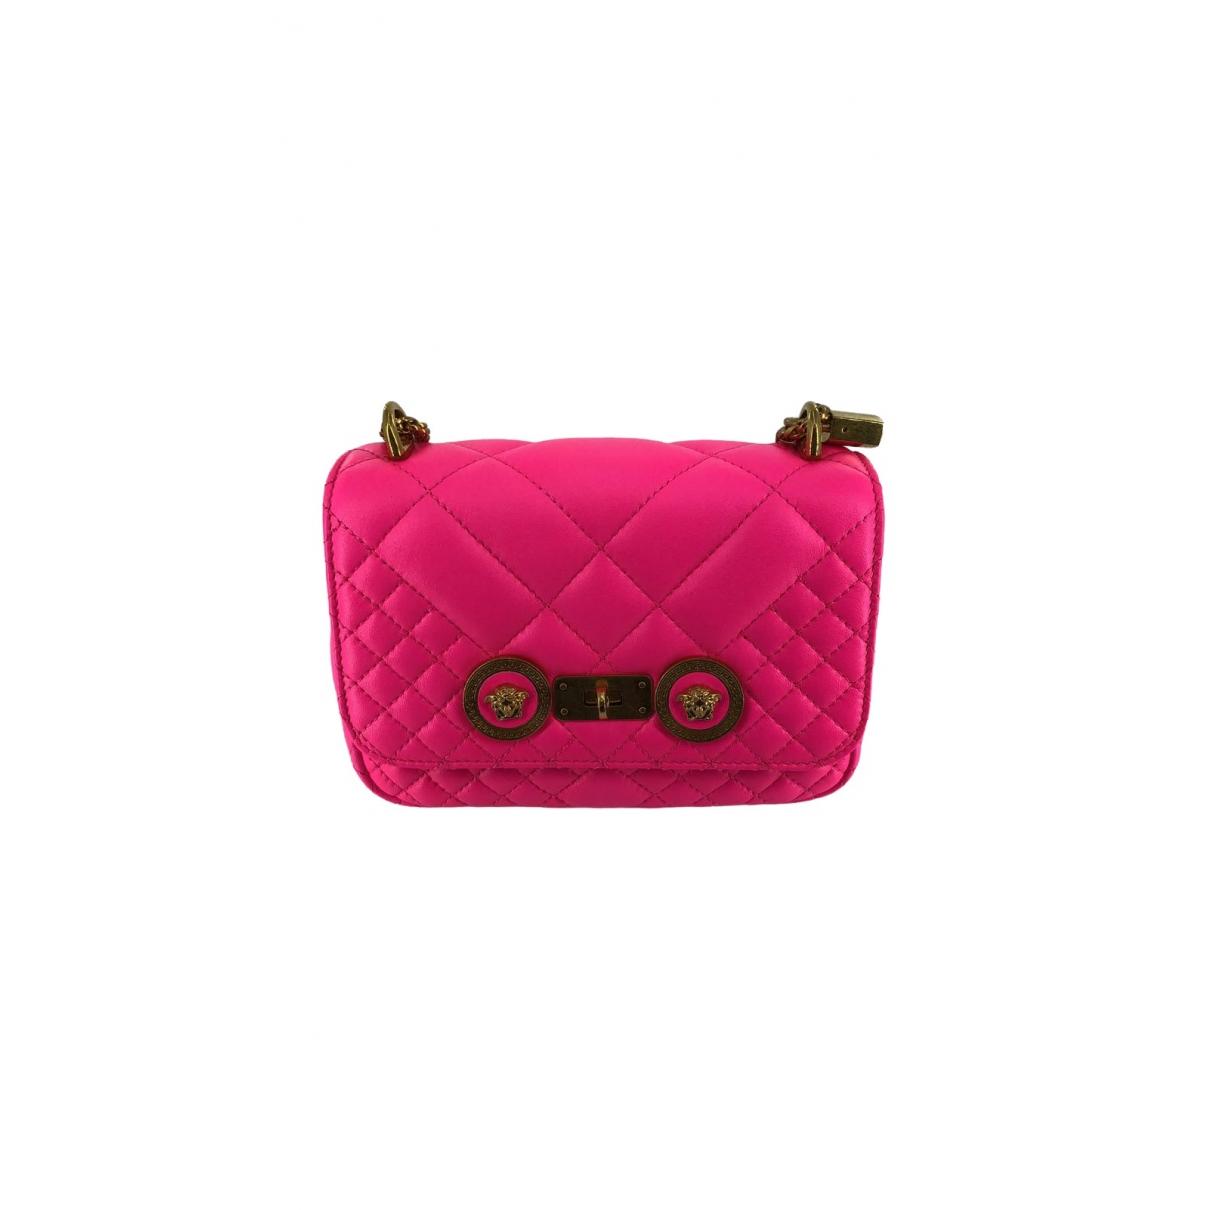 Versace \N Pink Leather handbag for Women \N